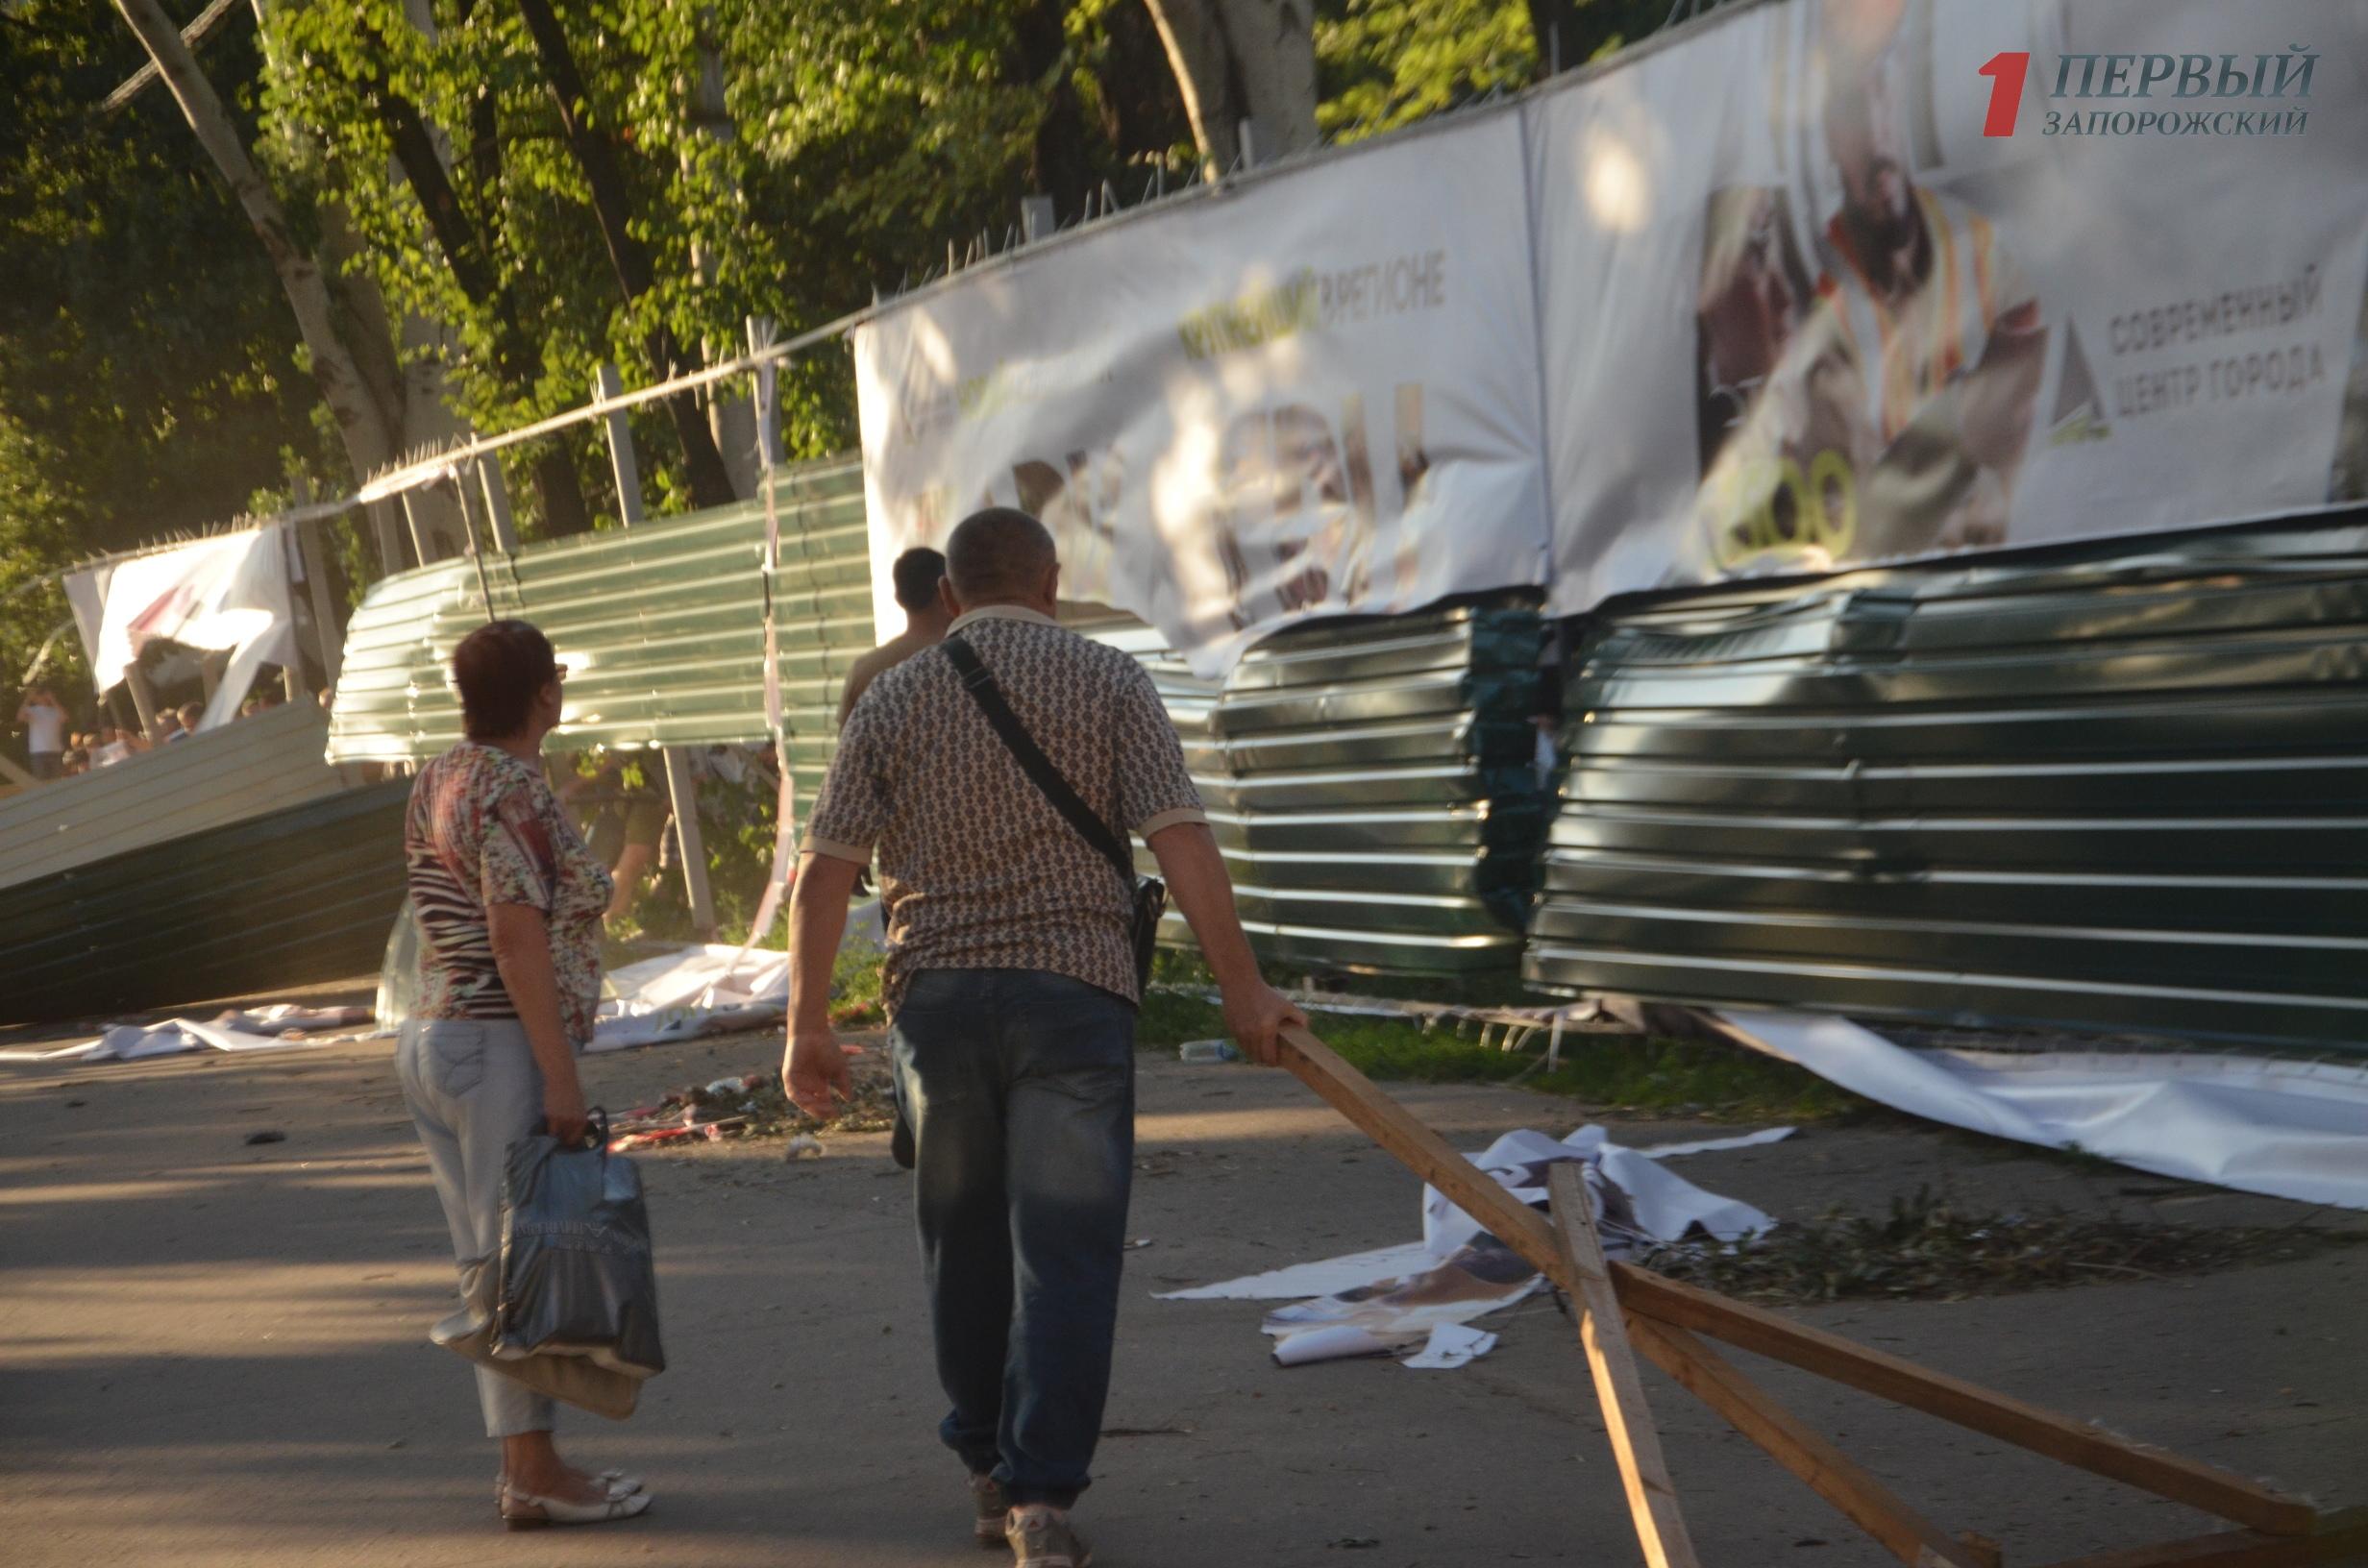 В Запорожье полиция разыскивает активистов, сломавших забор вокруг парка Яланского